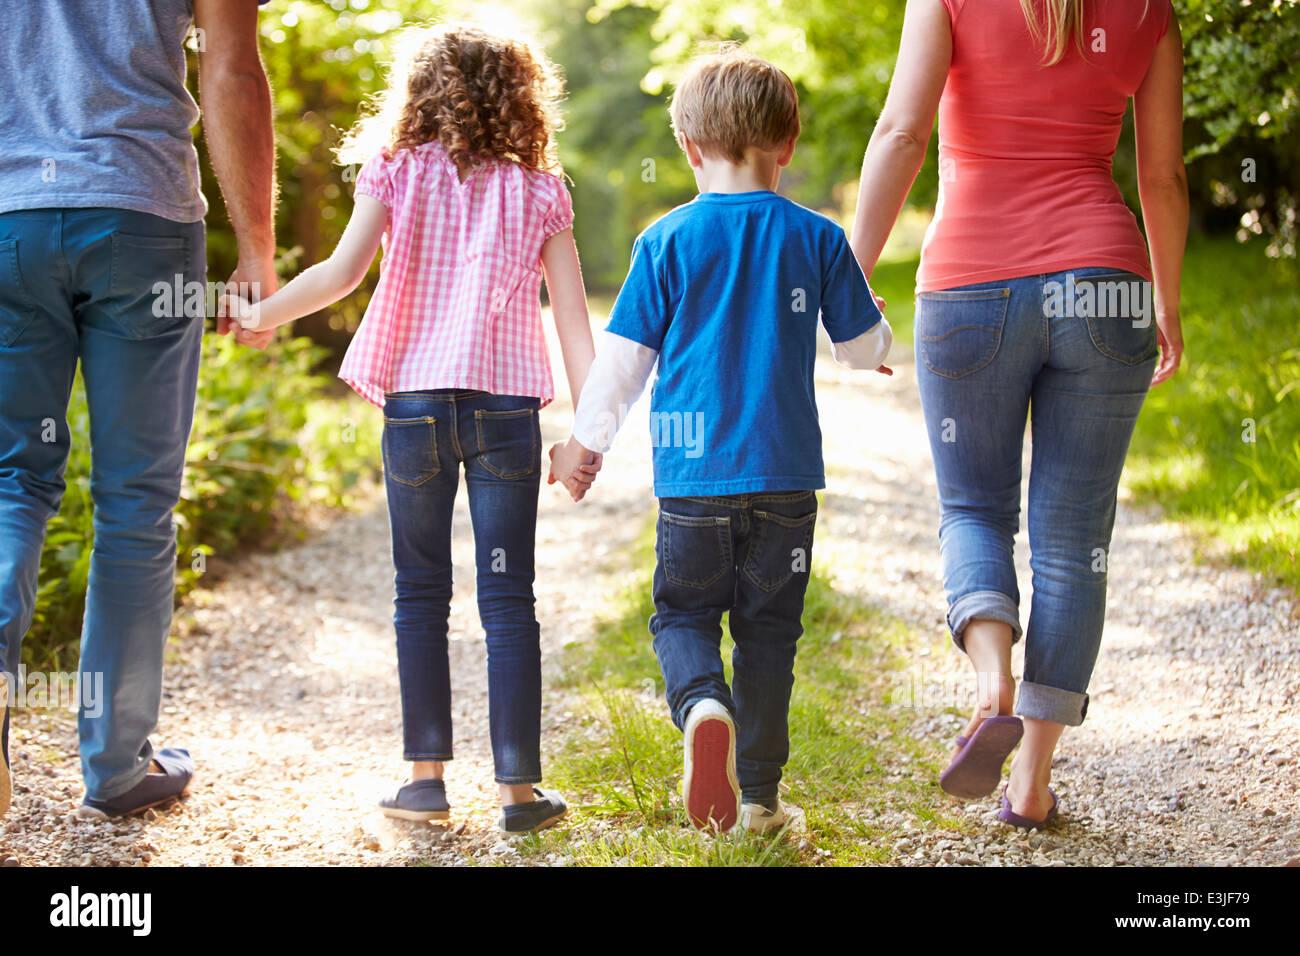 Vista trasera de la familia caminando en campo Imagen De Stock